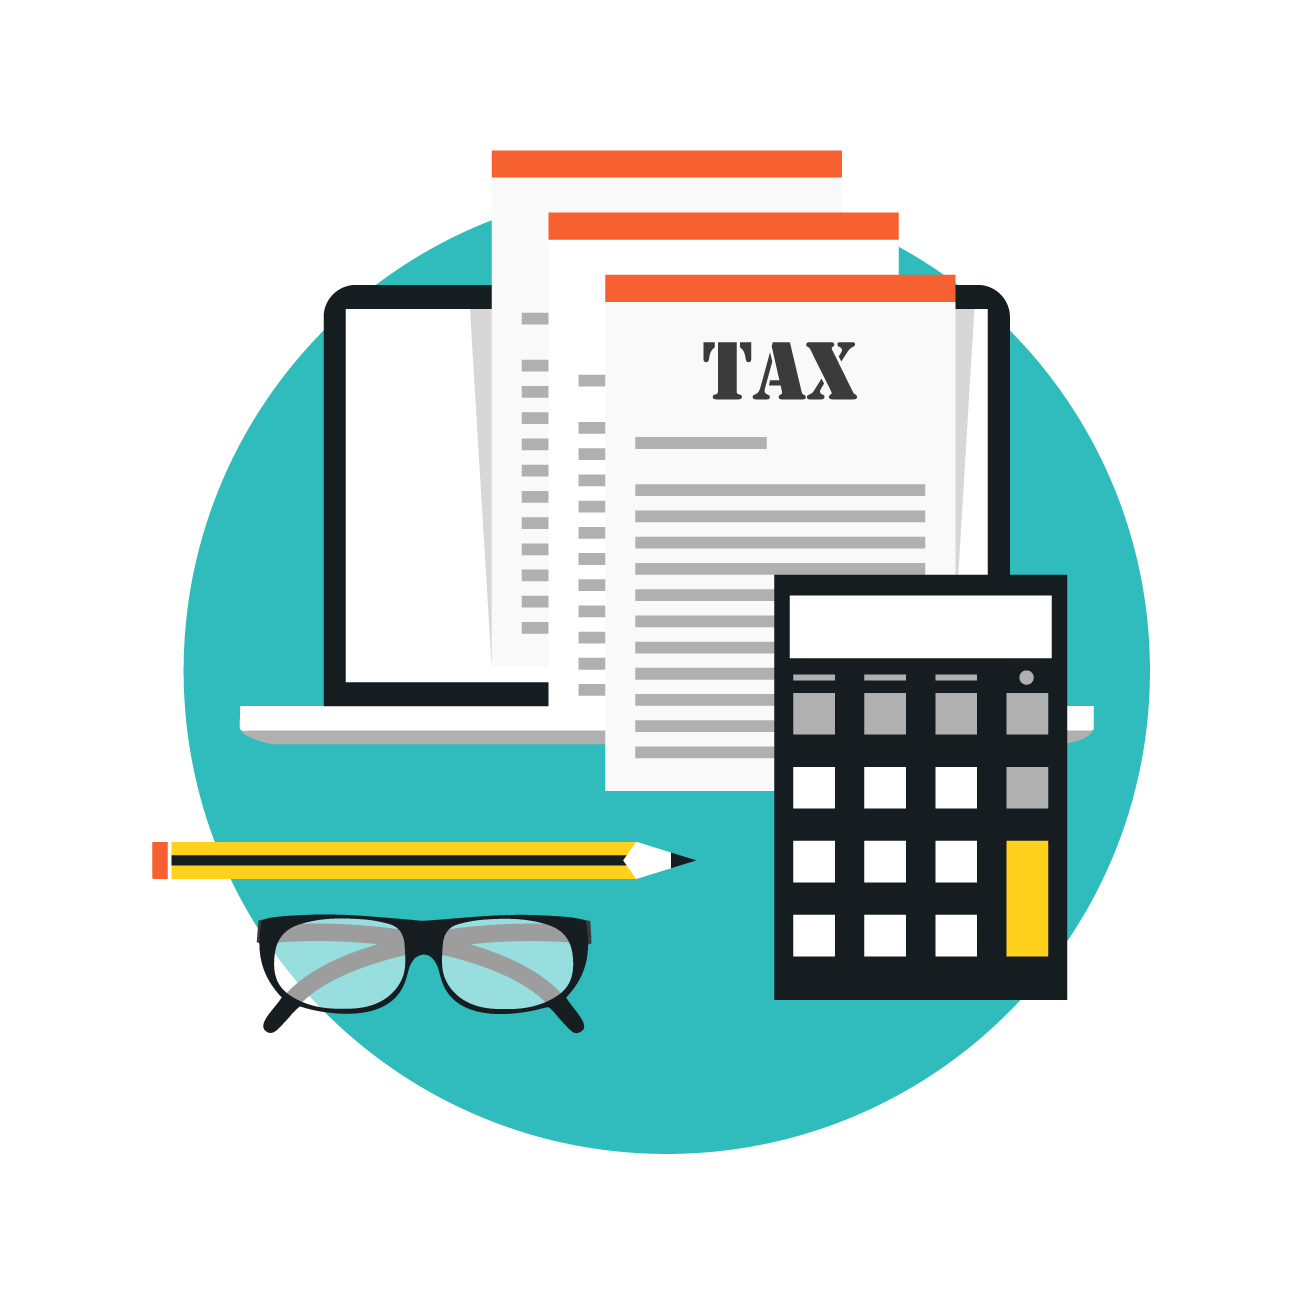 Екологічний податок: як подавати декларації та сплачувати